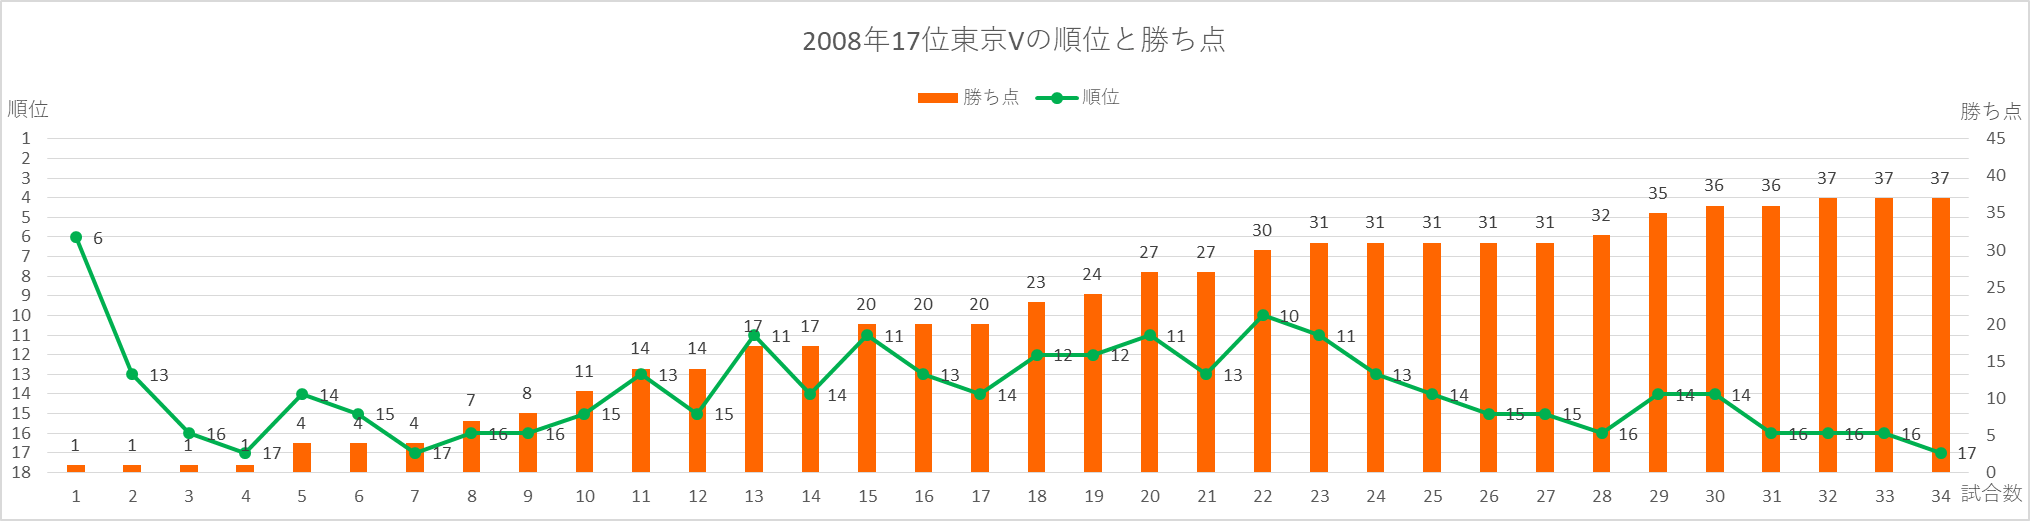 2008年東京Vの順位と勝ち点の推移